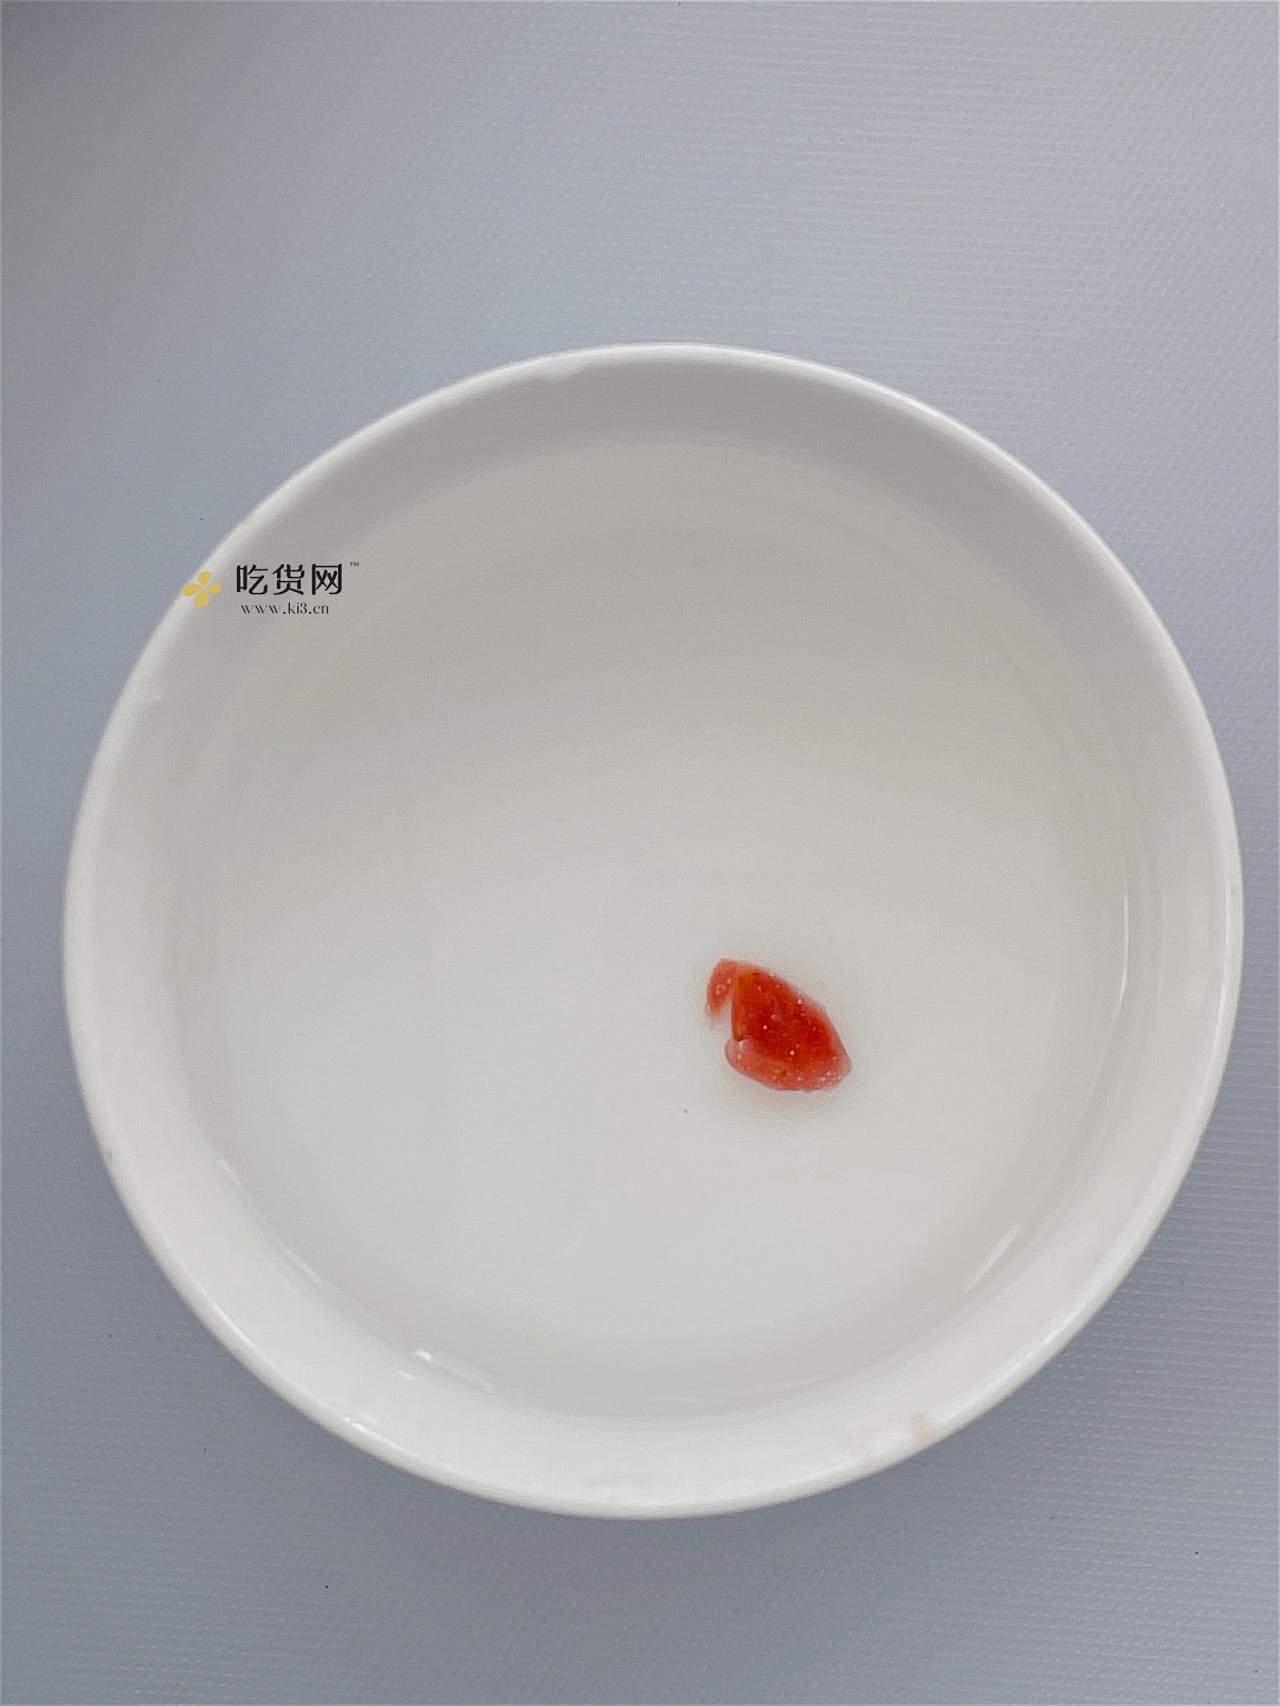 🍓自制草莓酱|高颜值|超美味|多用途|小孩超爱的做法 步骤9